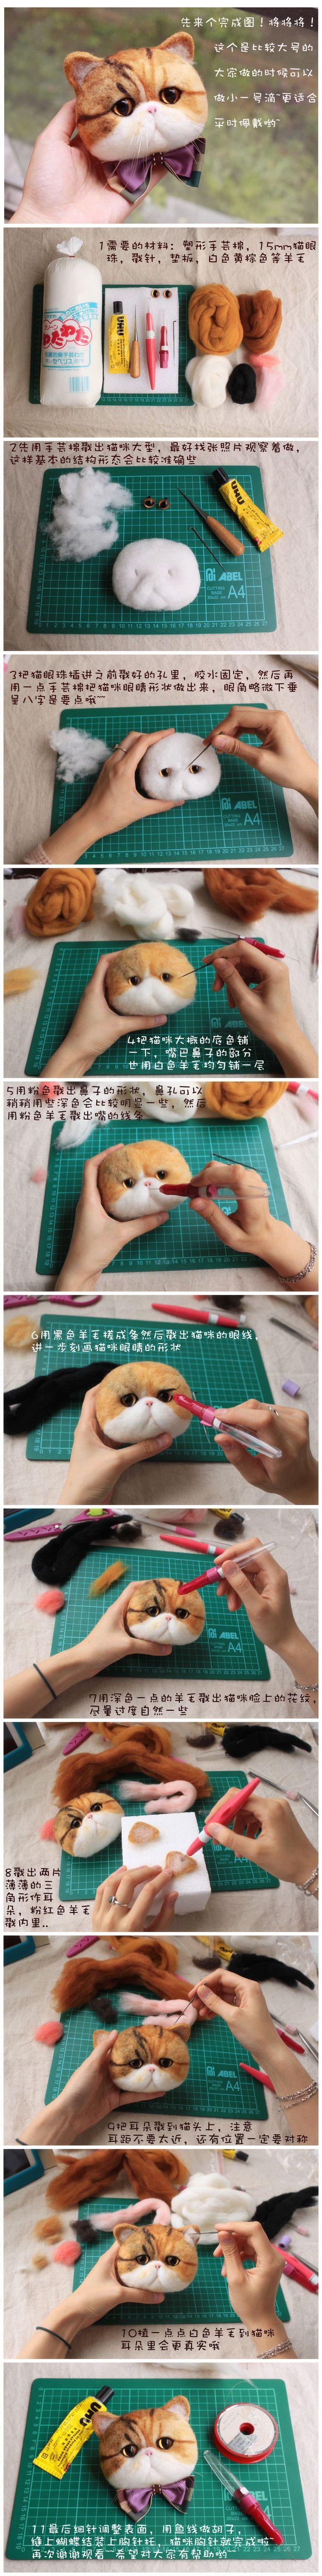 大脸猫眯教程~~